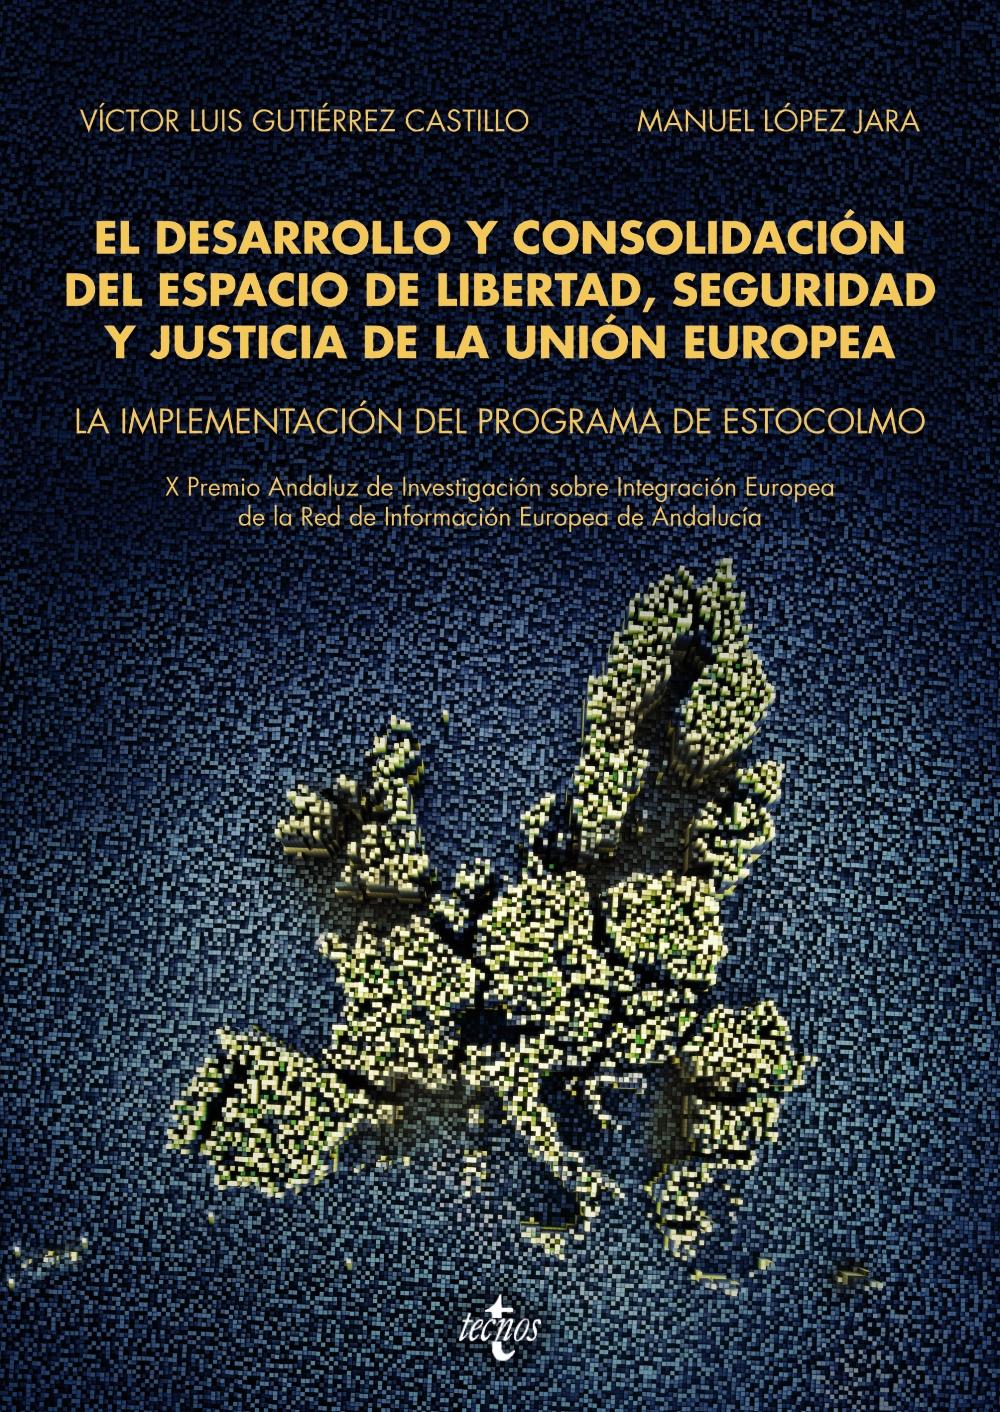 El desarrollo y consolidación del espacio de libertad, seguridad y justicia de la Unión Europea